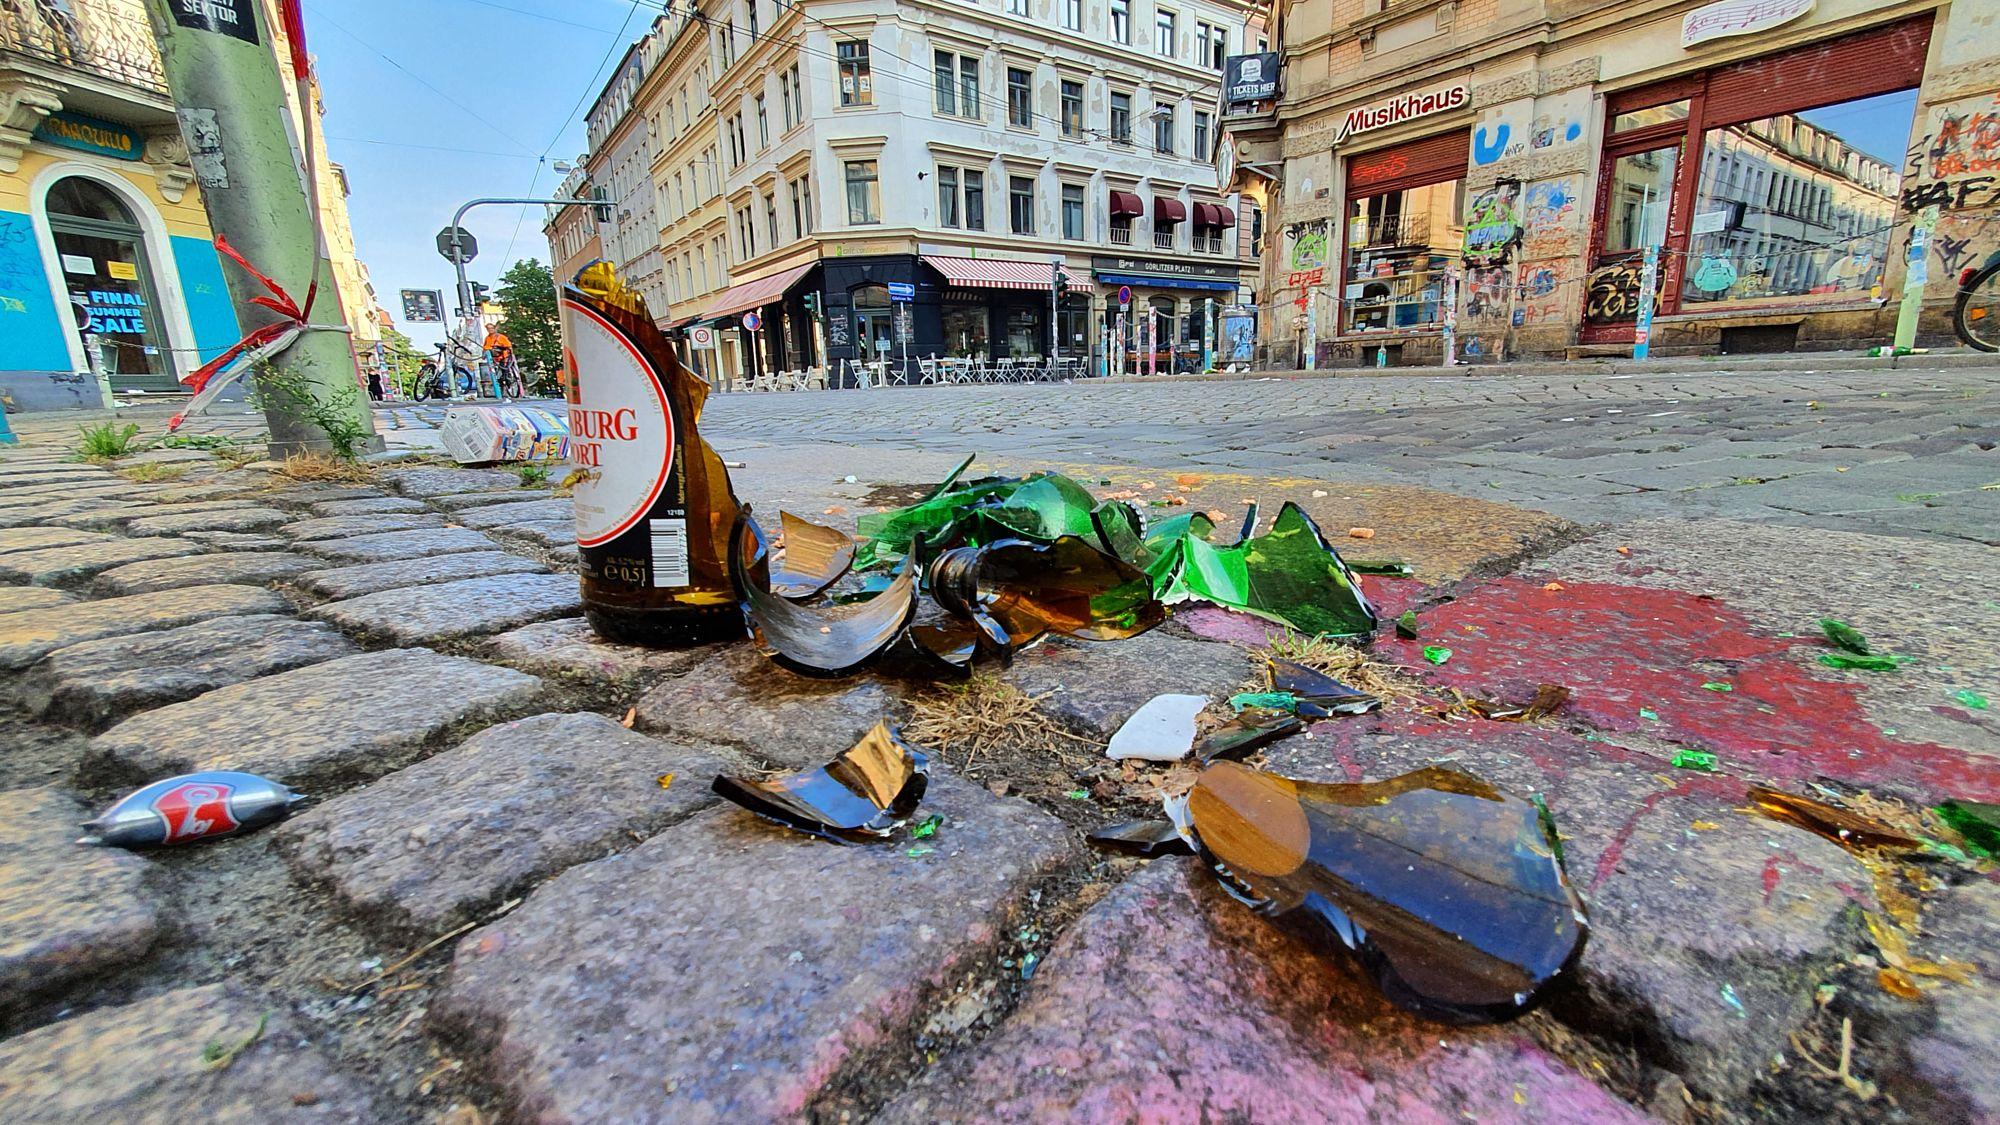 Bierflaschenreste an der Ecke